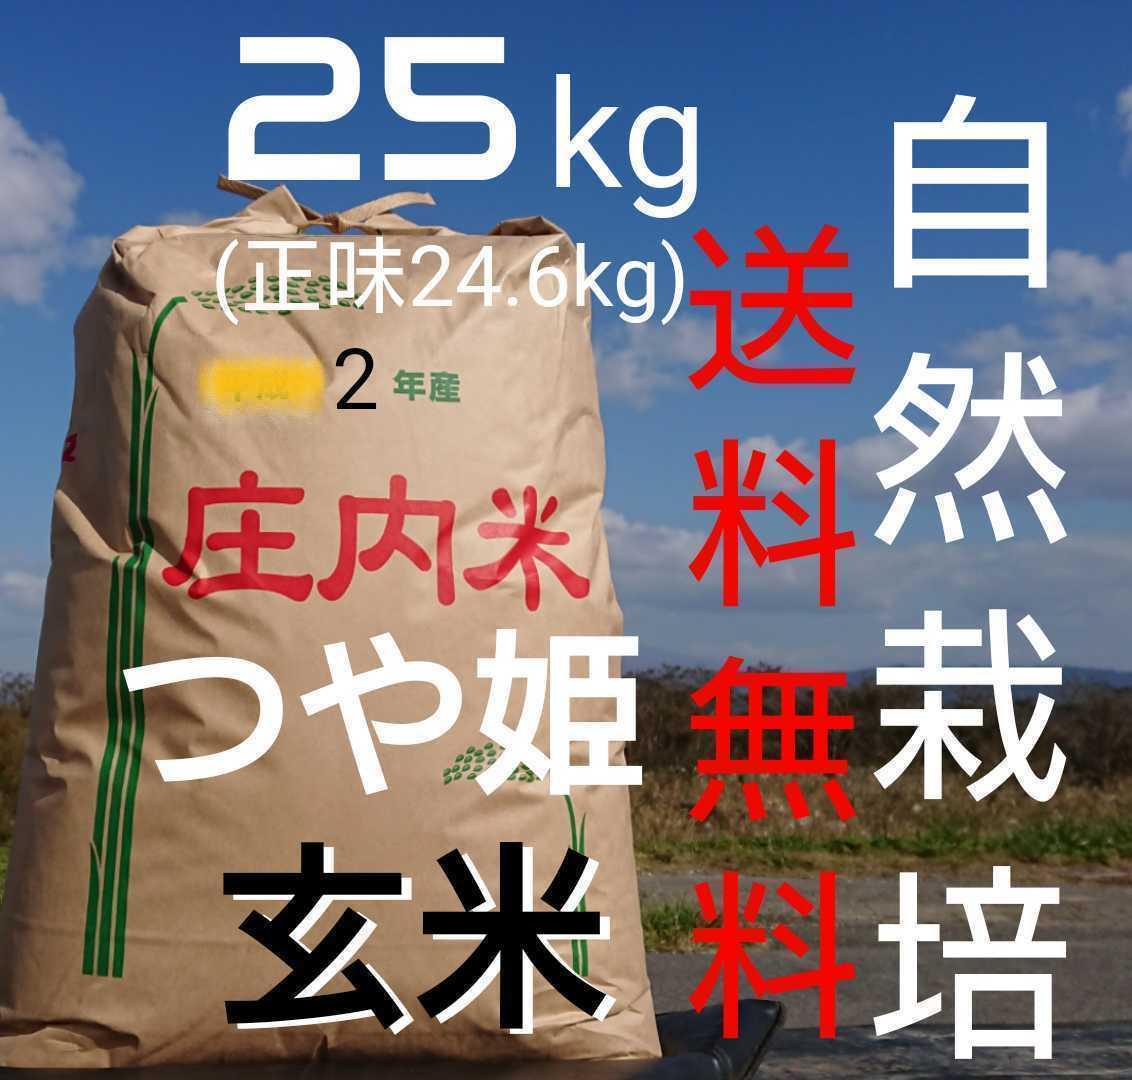 自然栽培米 米の旨みたっぷり 氷温熟成米 つや姫 令和2年産 新米 山形県産 庄内米無施肥 無農薬 玄米 25kg ( 正味24.6kg )_40日間の氷温熟成完了で販売開始です